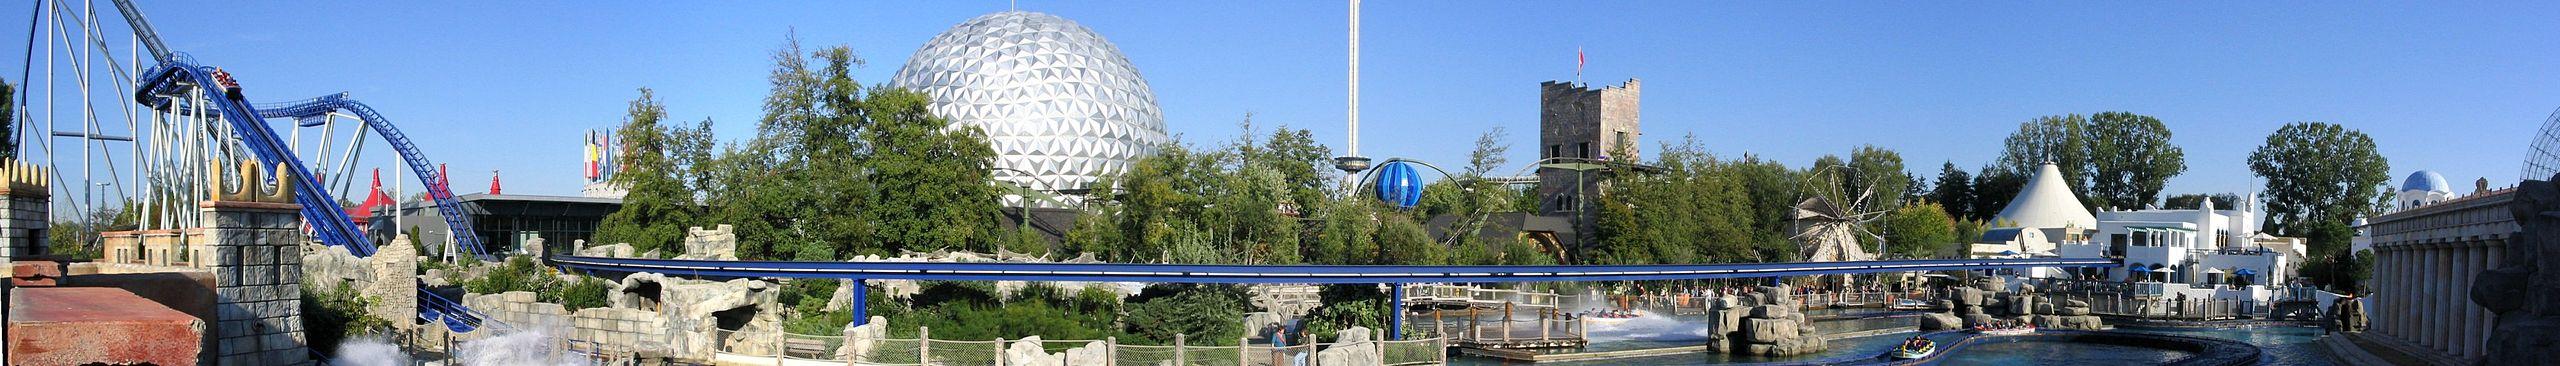 Comment aller en train a europapark for Sejour complet europa park